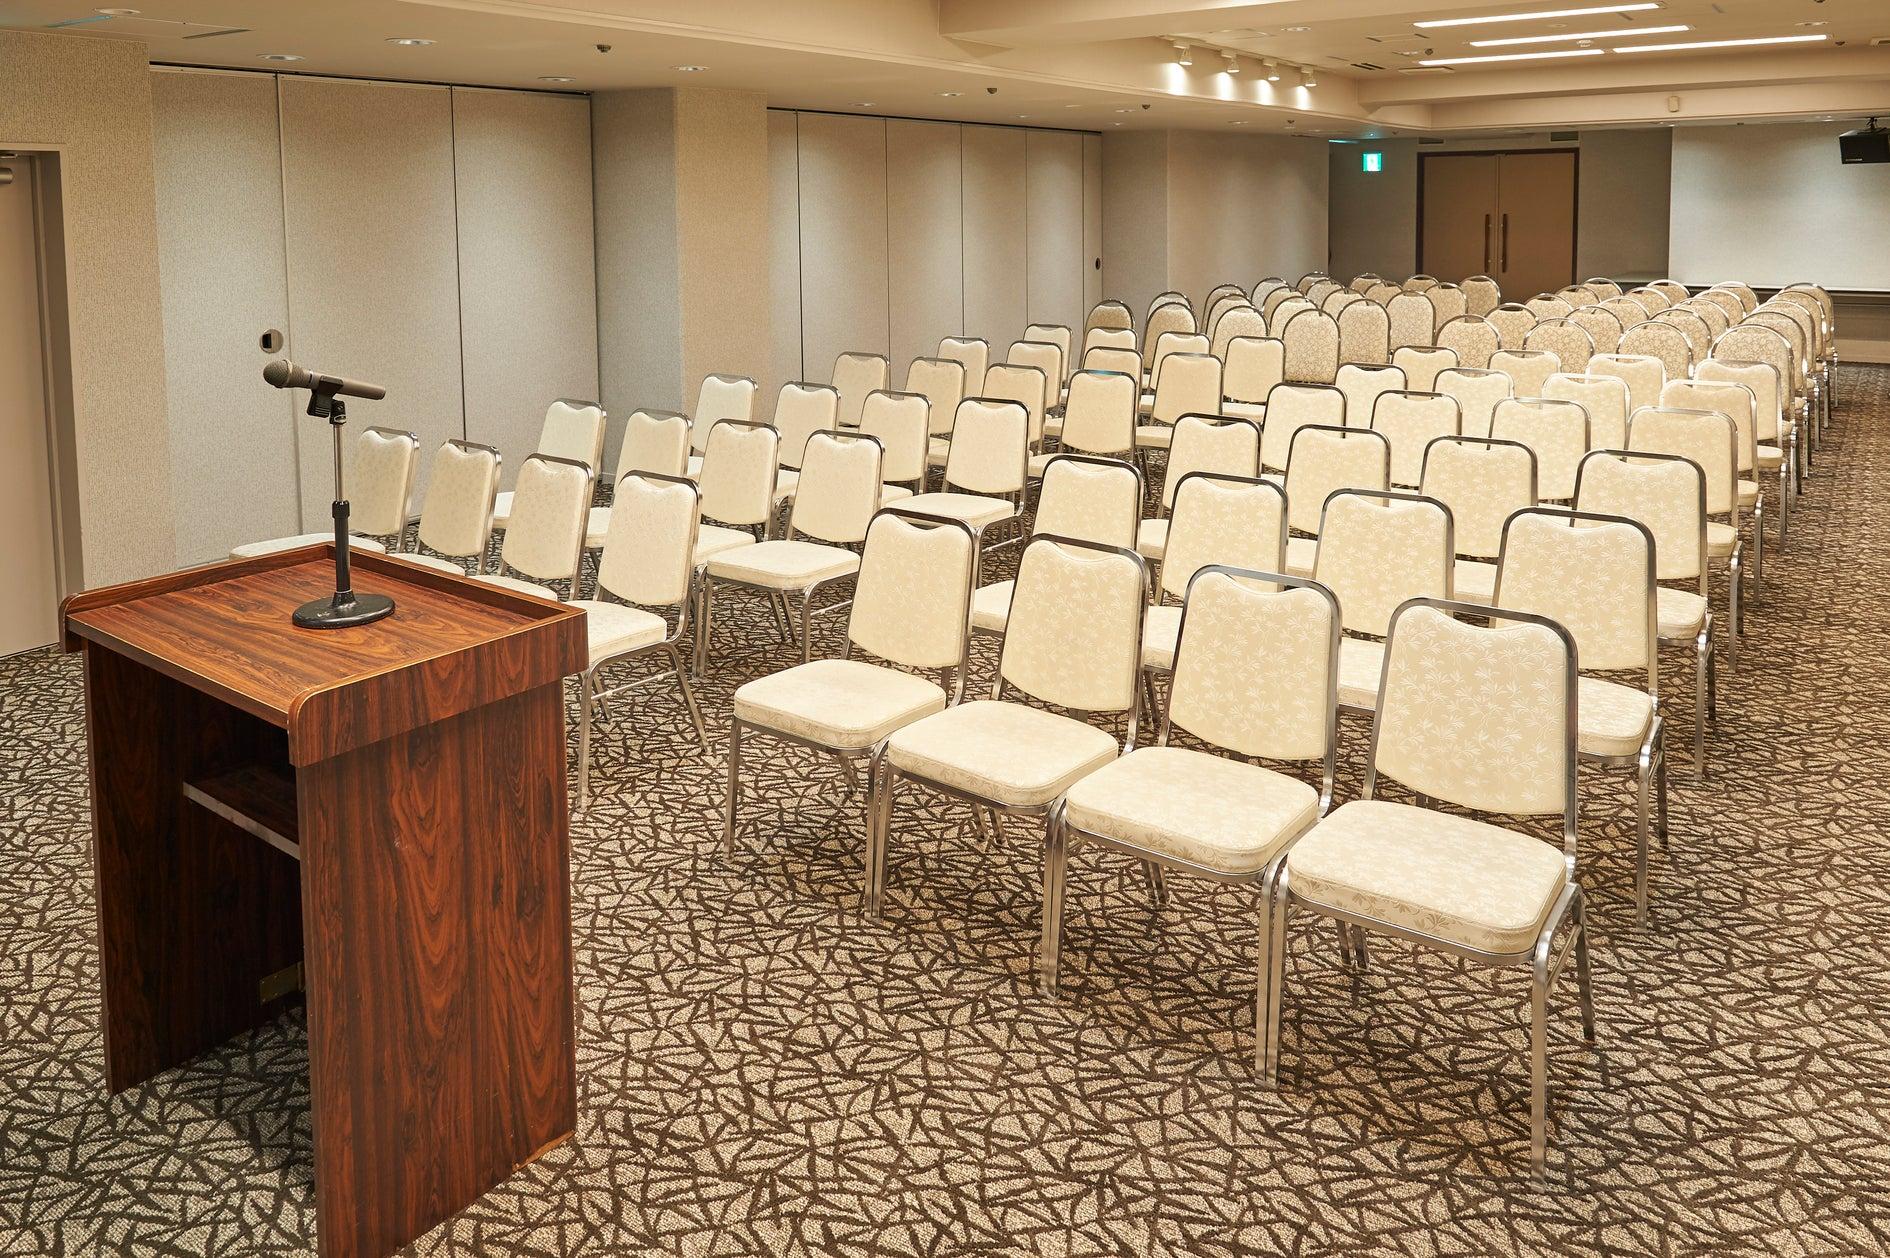 【新大阪から1駅・駅目の前】ホテルコンソルト146㎡会議室<40名~120名>低予算でワンランクUP☆☆☆(ホテルコンソルト新大阪) の写真0